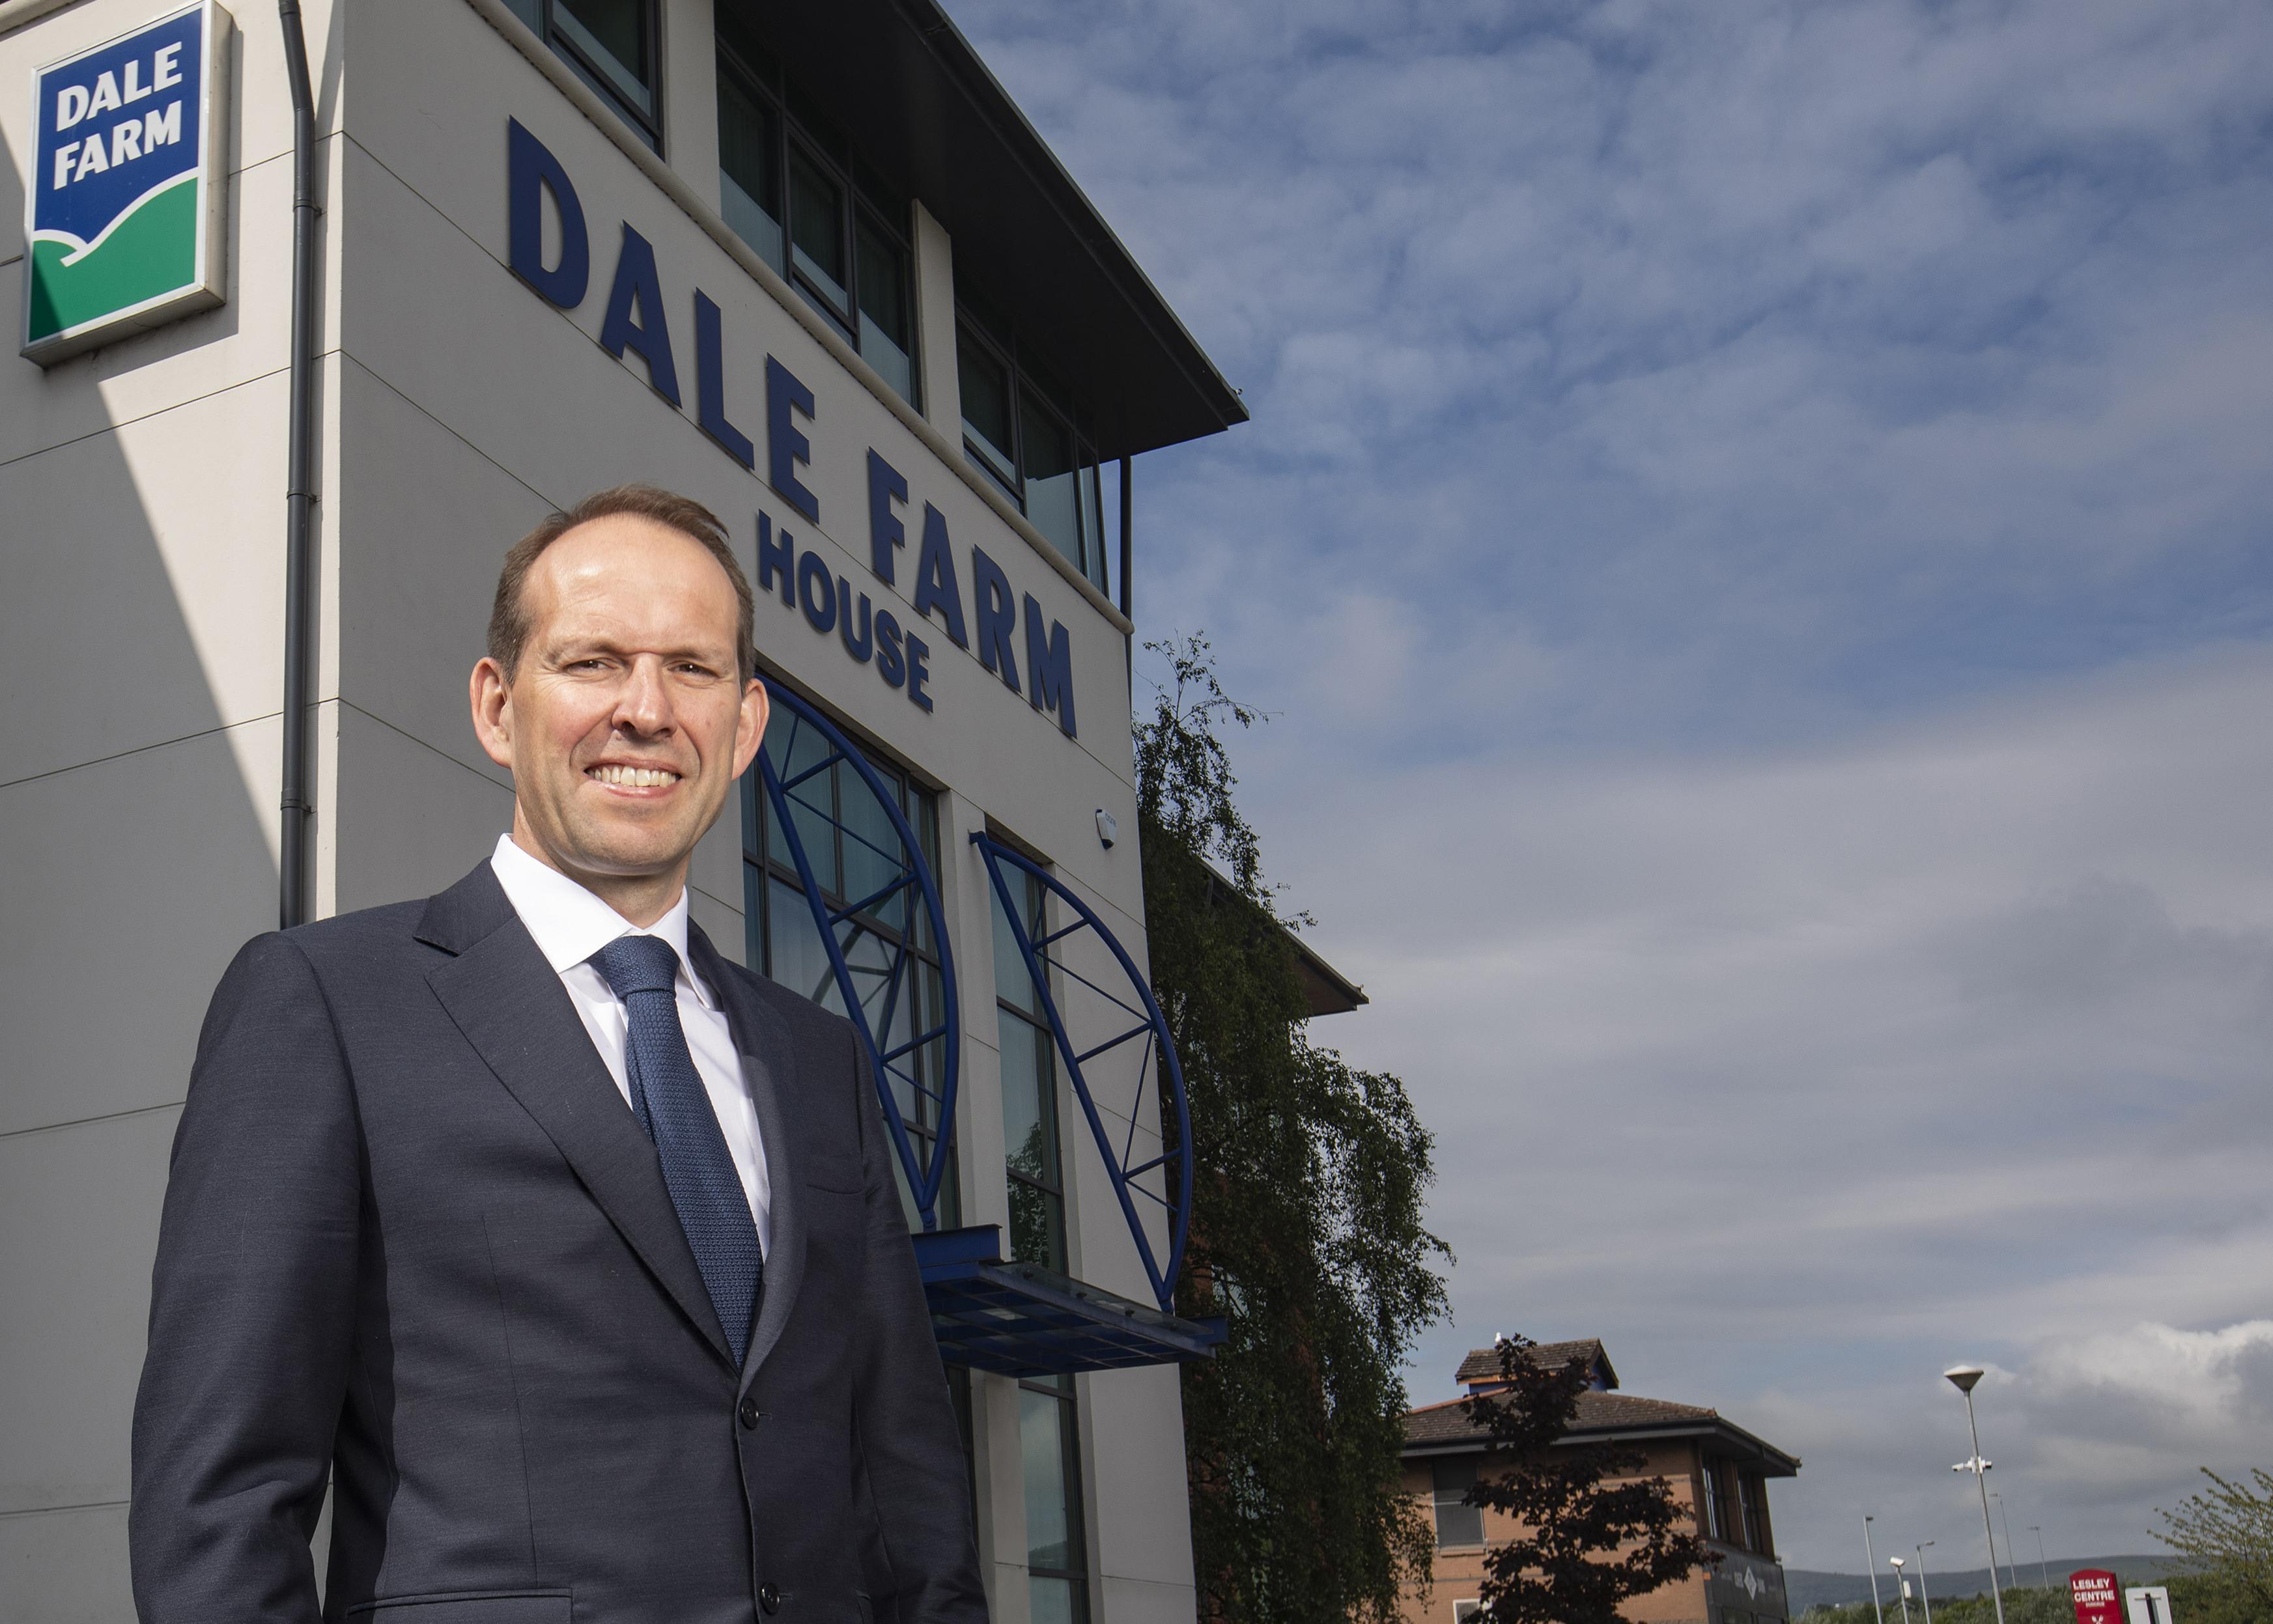 Dale Farm delivers double-digit profit growth